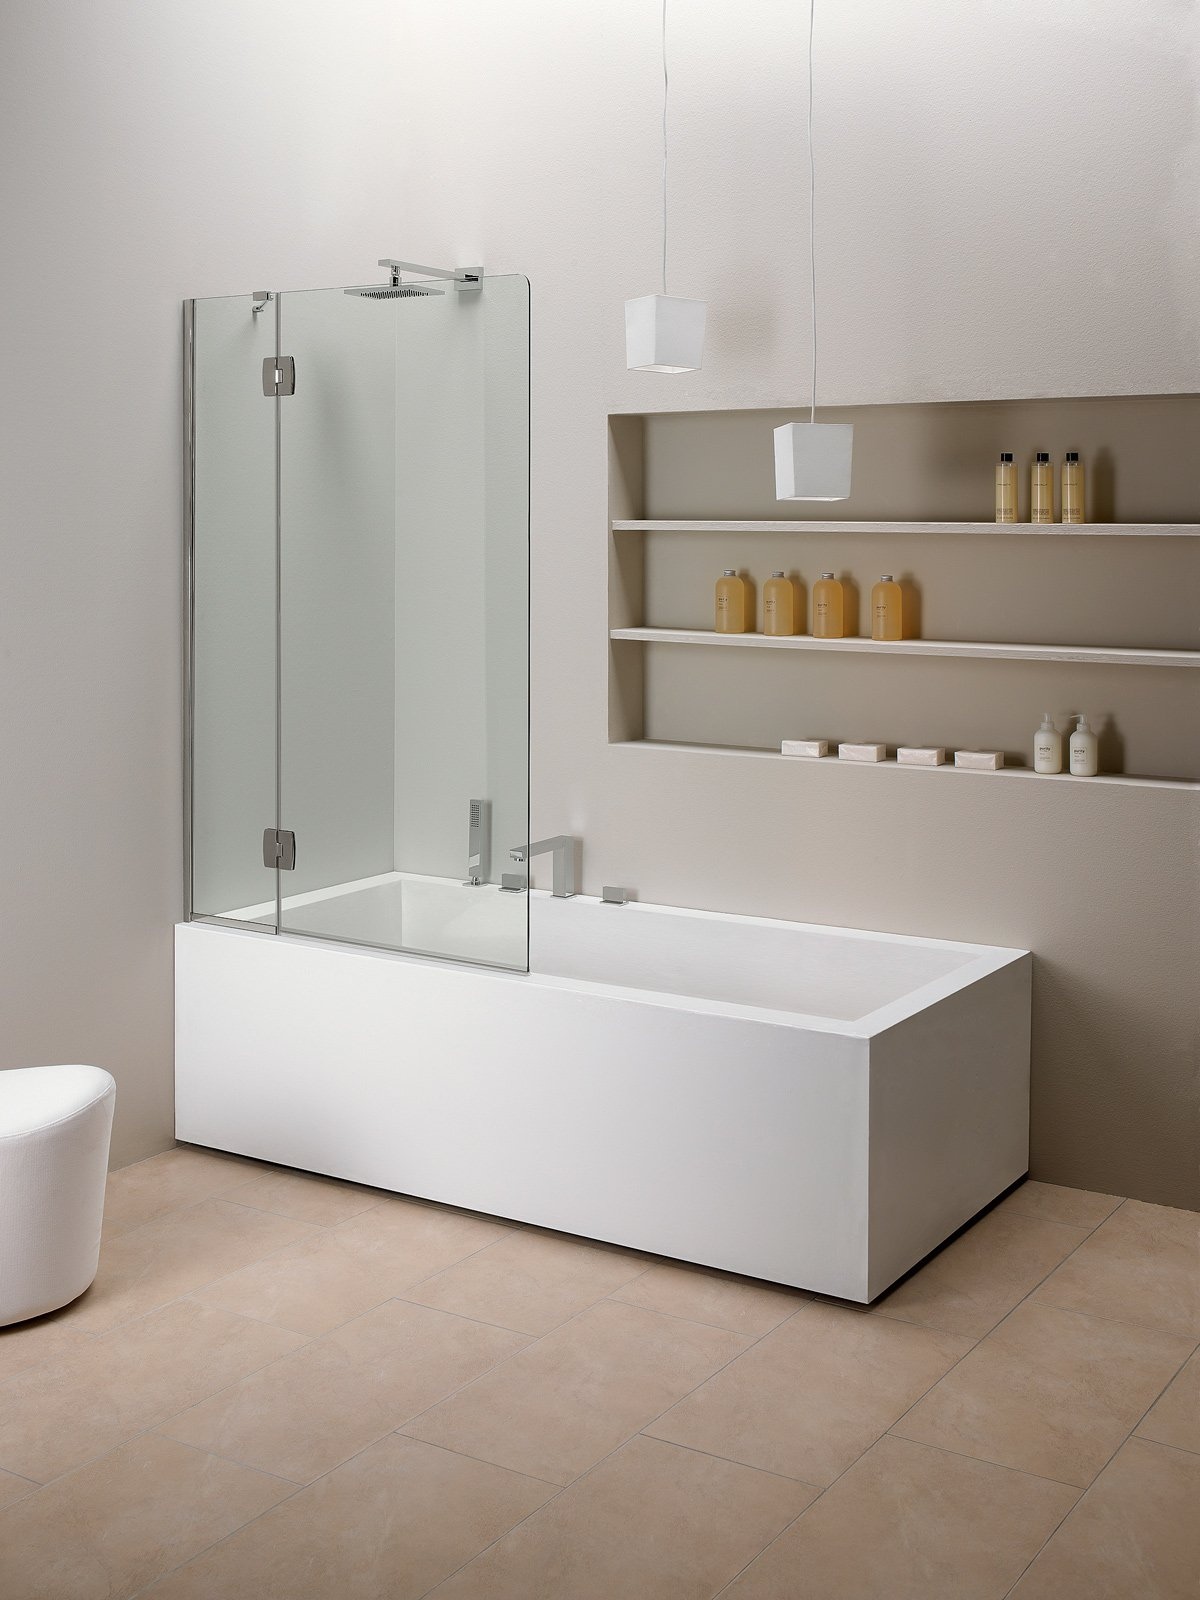 Vasca e doccia insieme - Cose di Casa